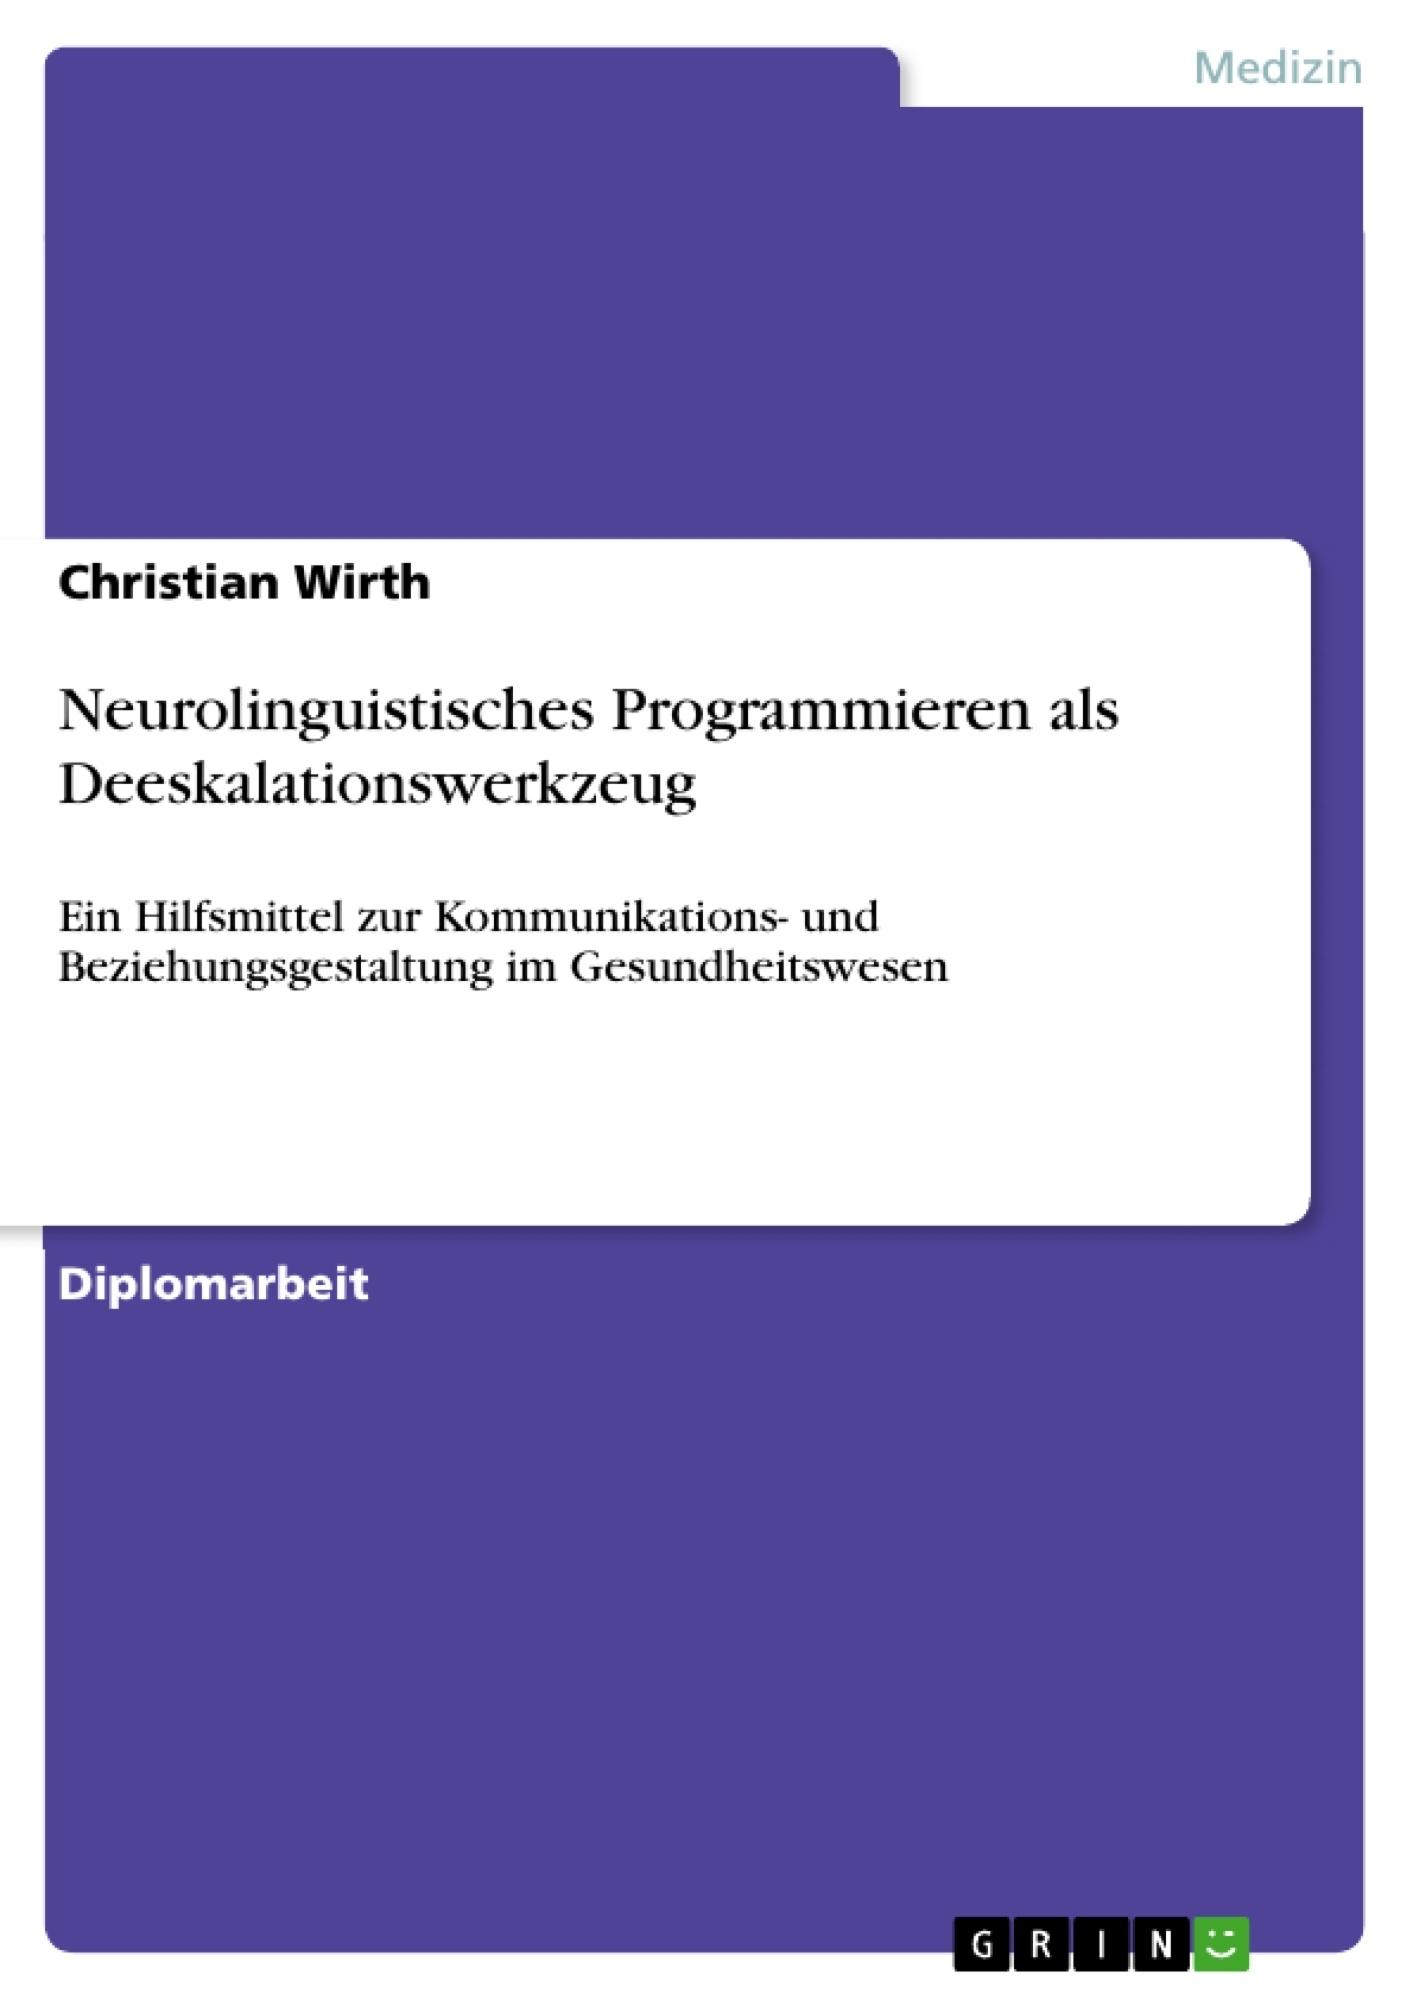 Titel: Neurolinguistisches Programmieren als Deeskalationswerkzeug